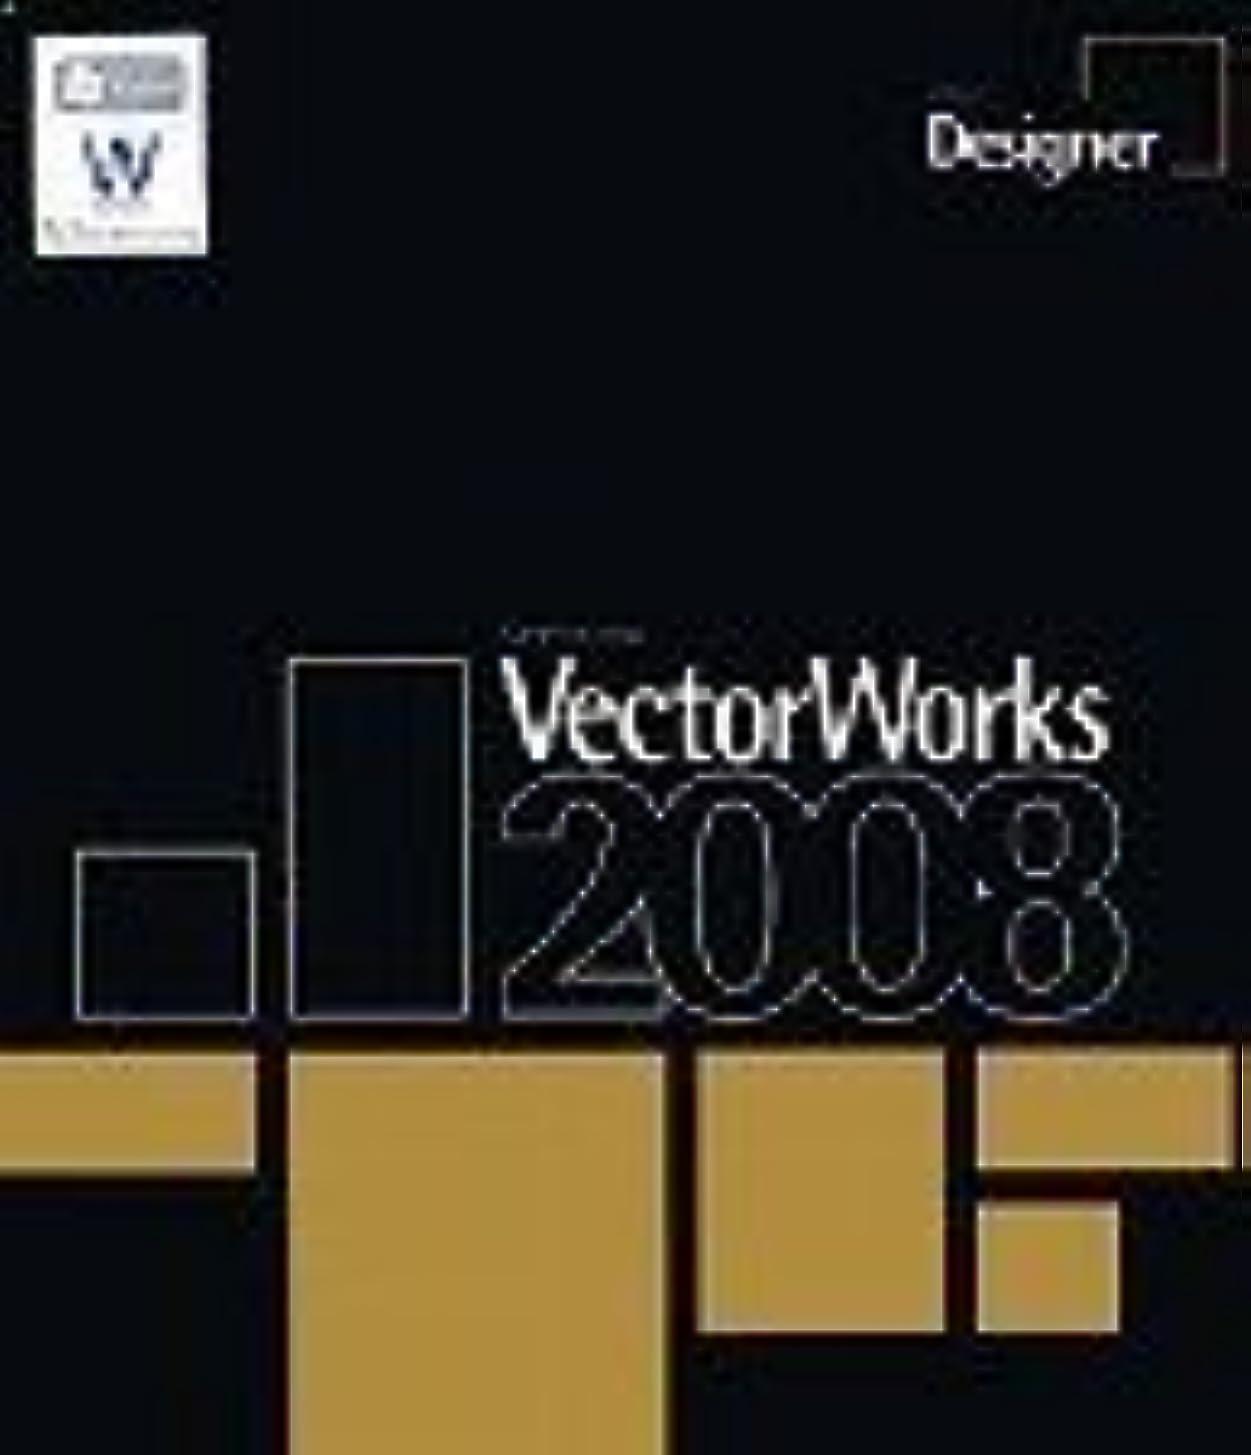 さようなら問い合わせ初期VectorWorks Designer 2008 日本語版 基本パッケージ Windows版